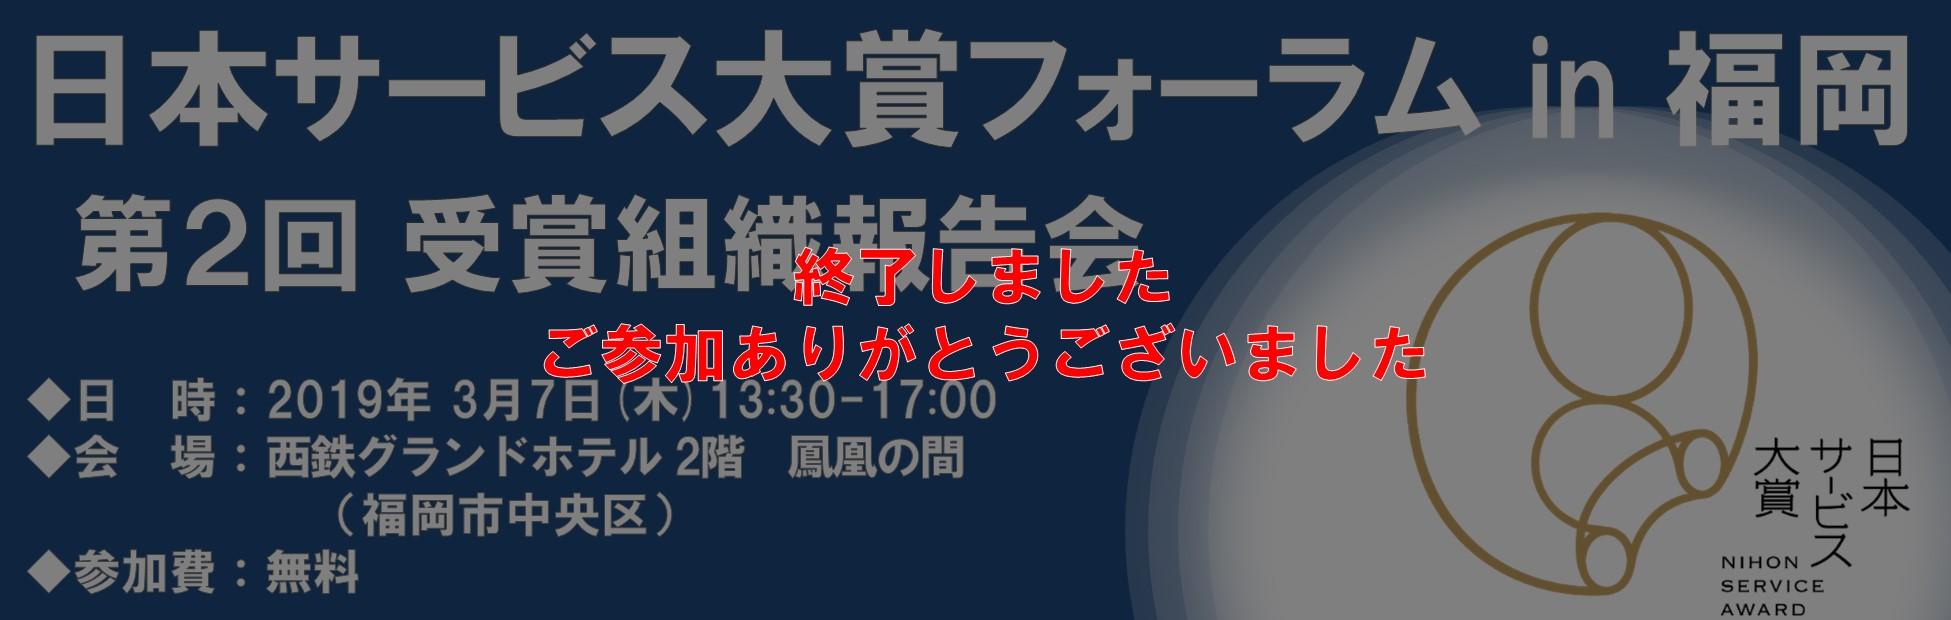 日本サービス大賞フォーラム in 福岡 は終了しました